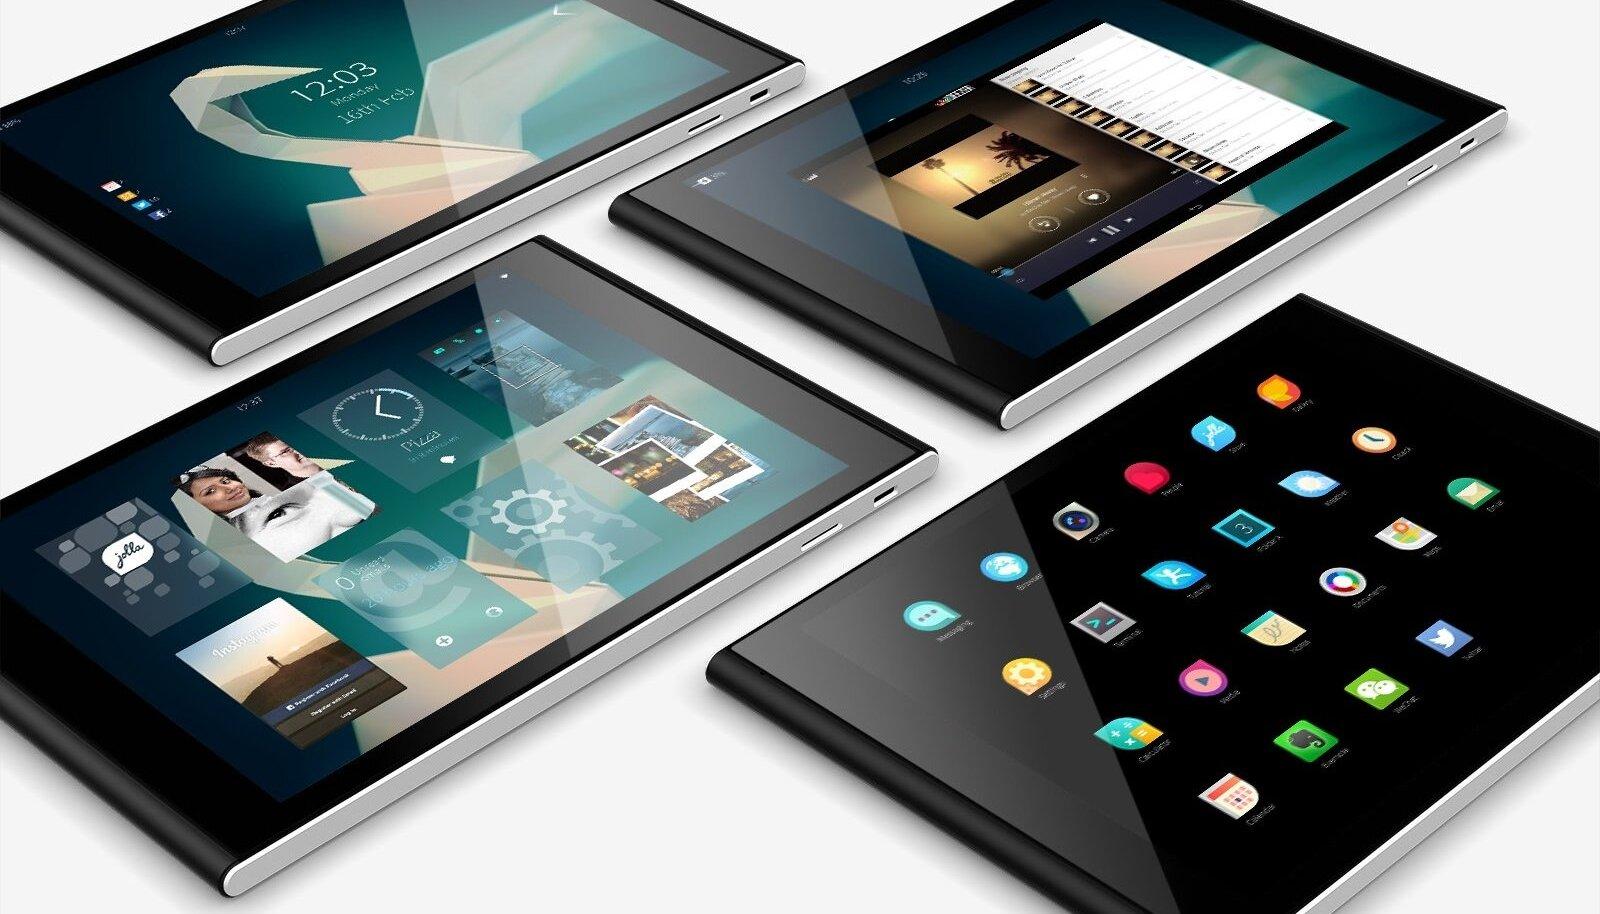 Jolla tahvelarvuti tugevus on disain. Nõrkus on veidi ajale jalgu jäänud aeglane riistvara.